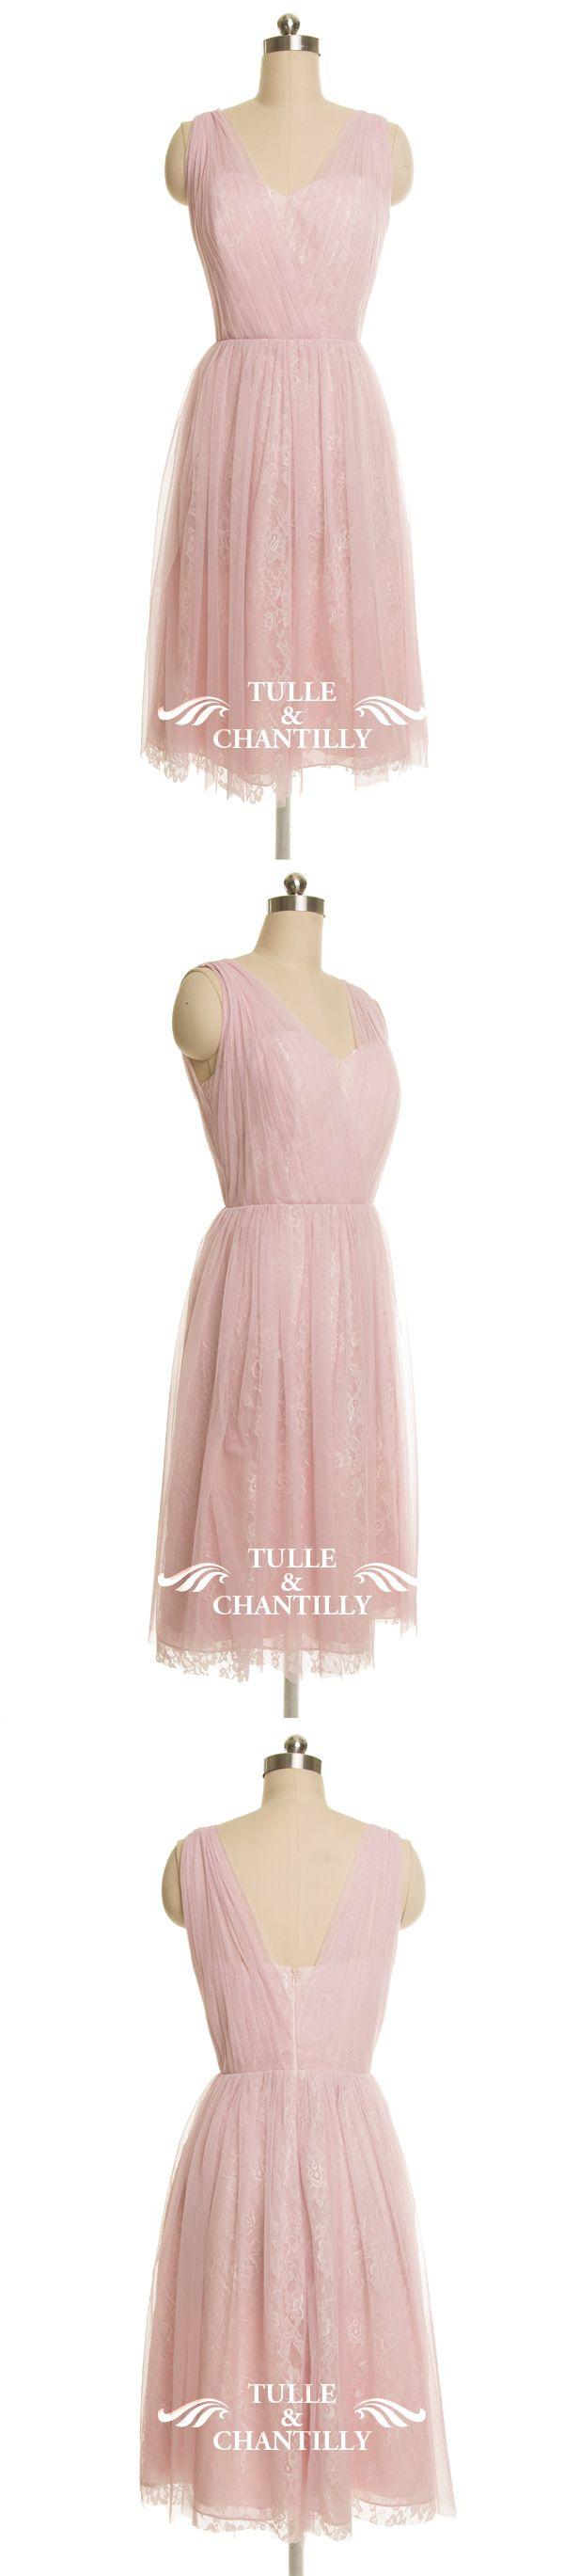 Asombroso Vestidos De Fiesta Selfridges Ornamento - Colección del ...